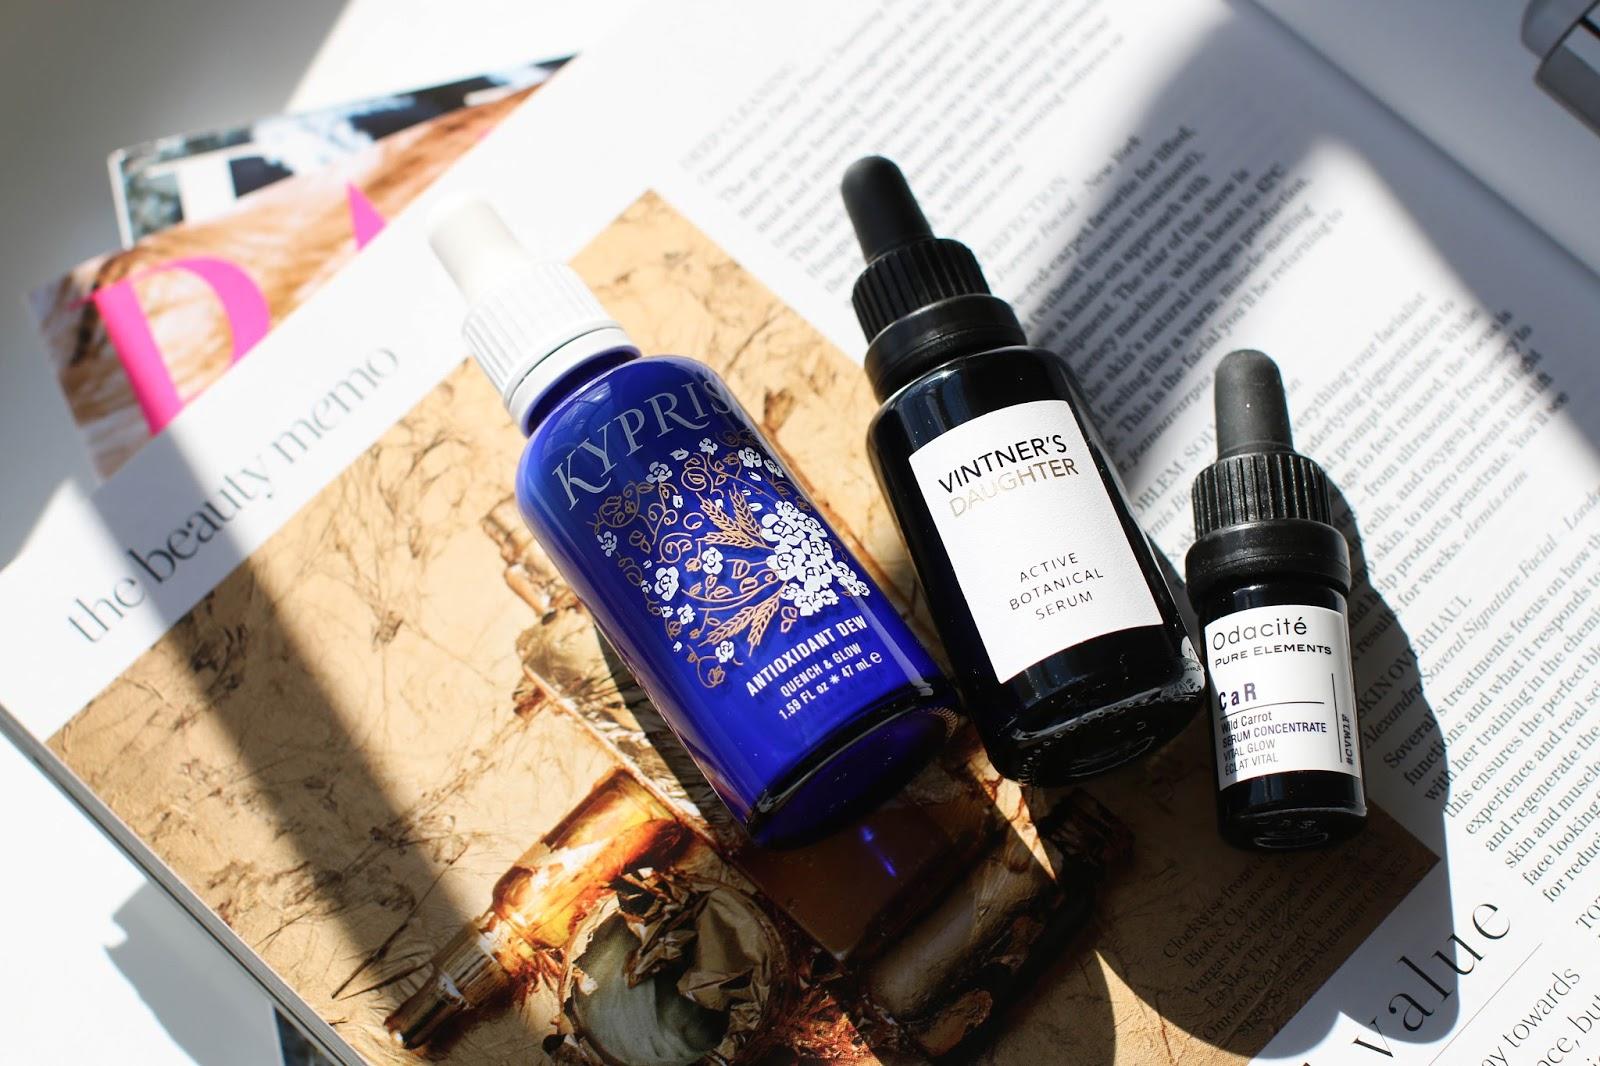 Vintner's Daughter serum review